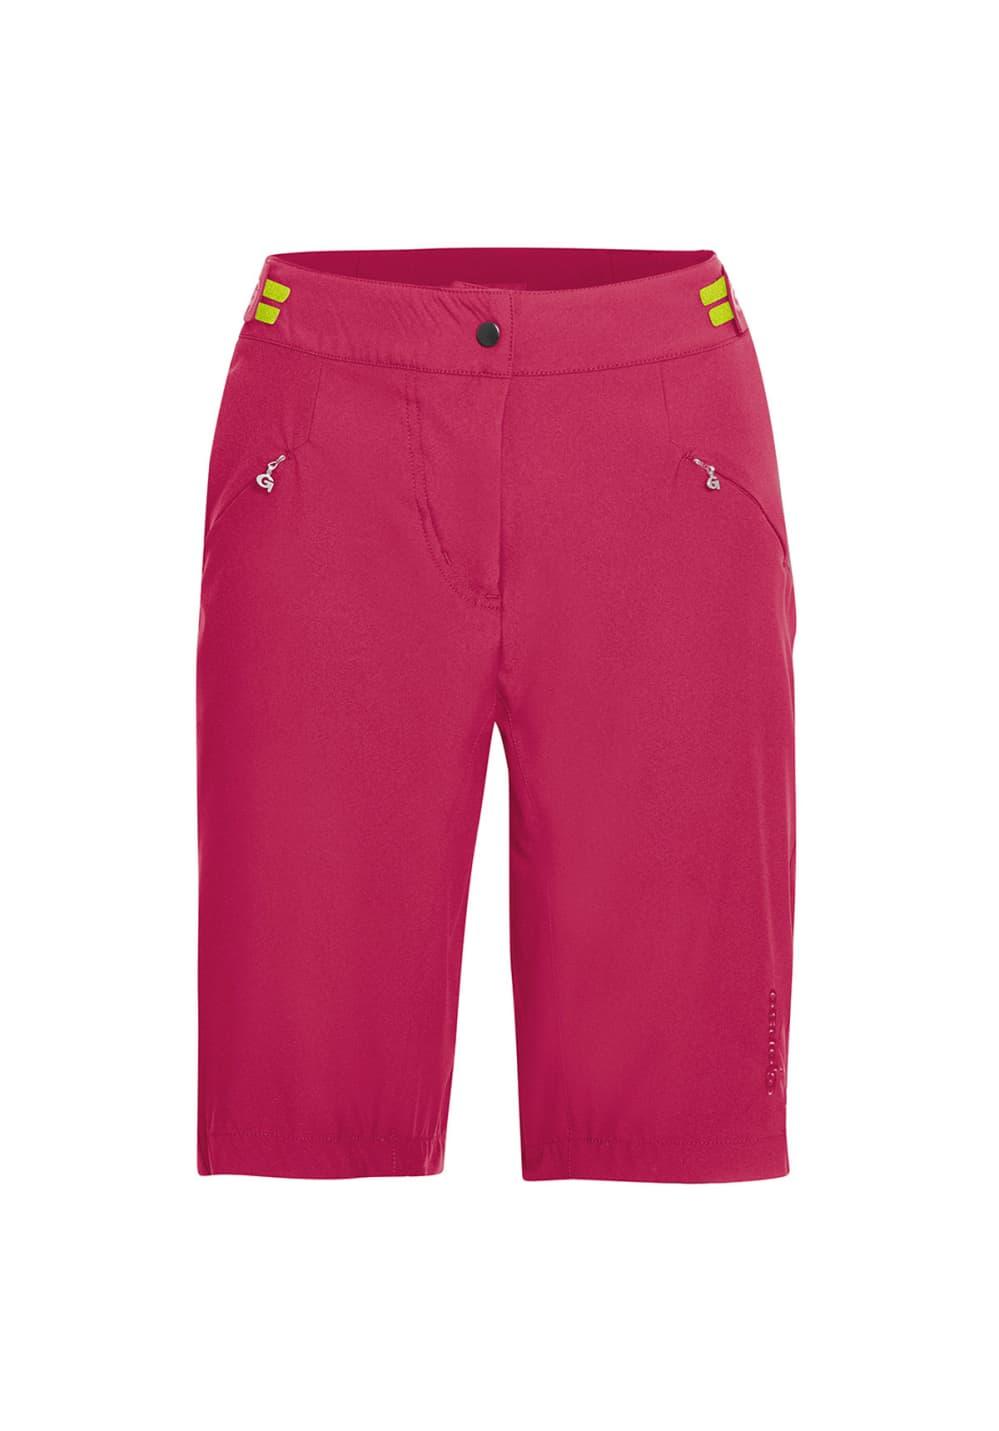 Gonso Sodal - Radhosen für Damen - Pink, Gr. 38